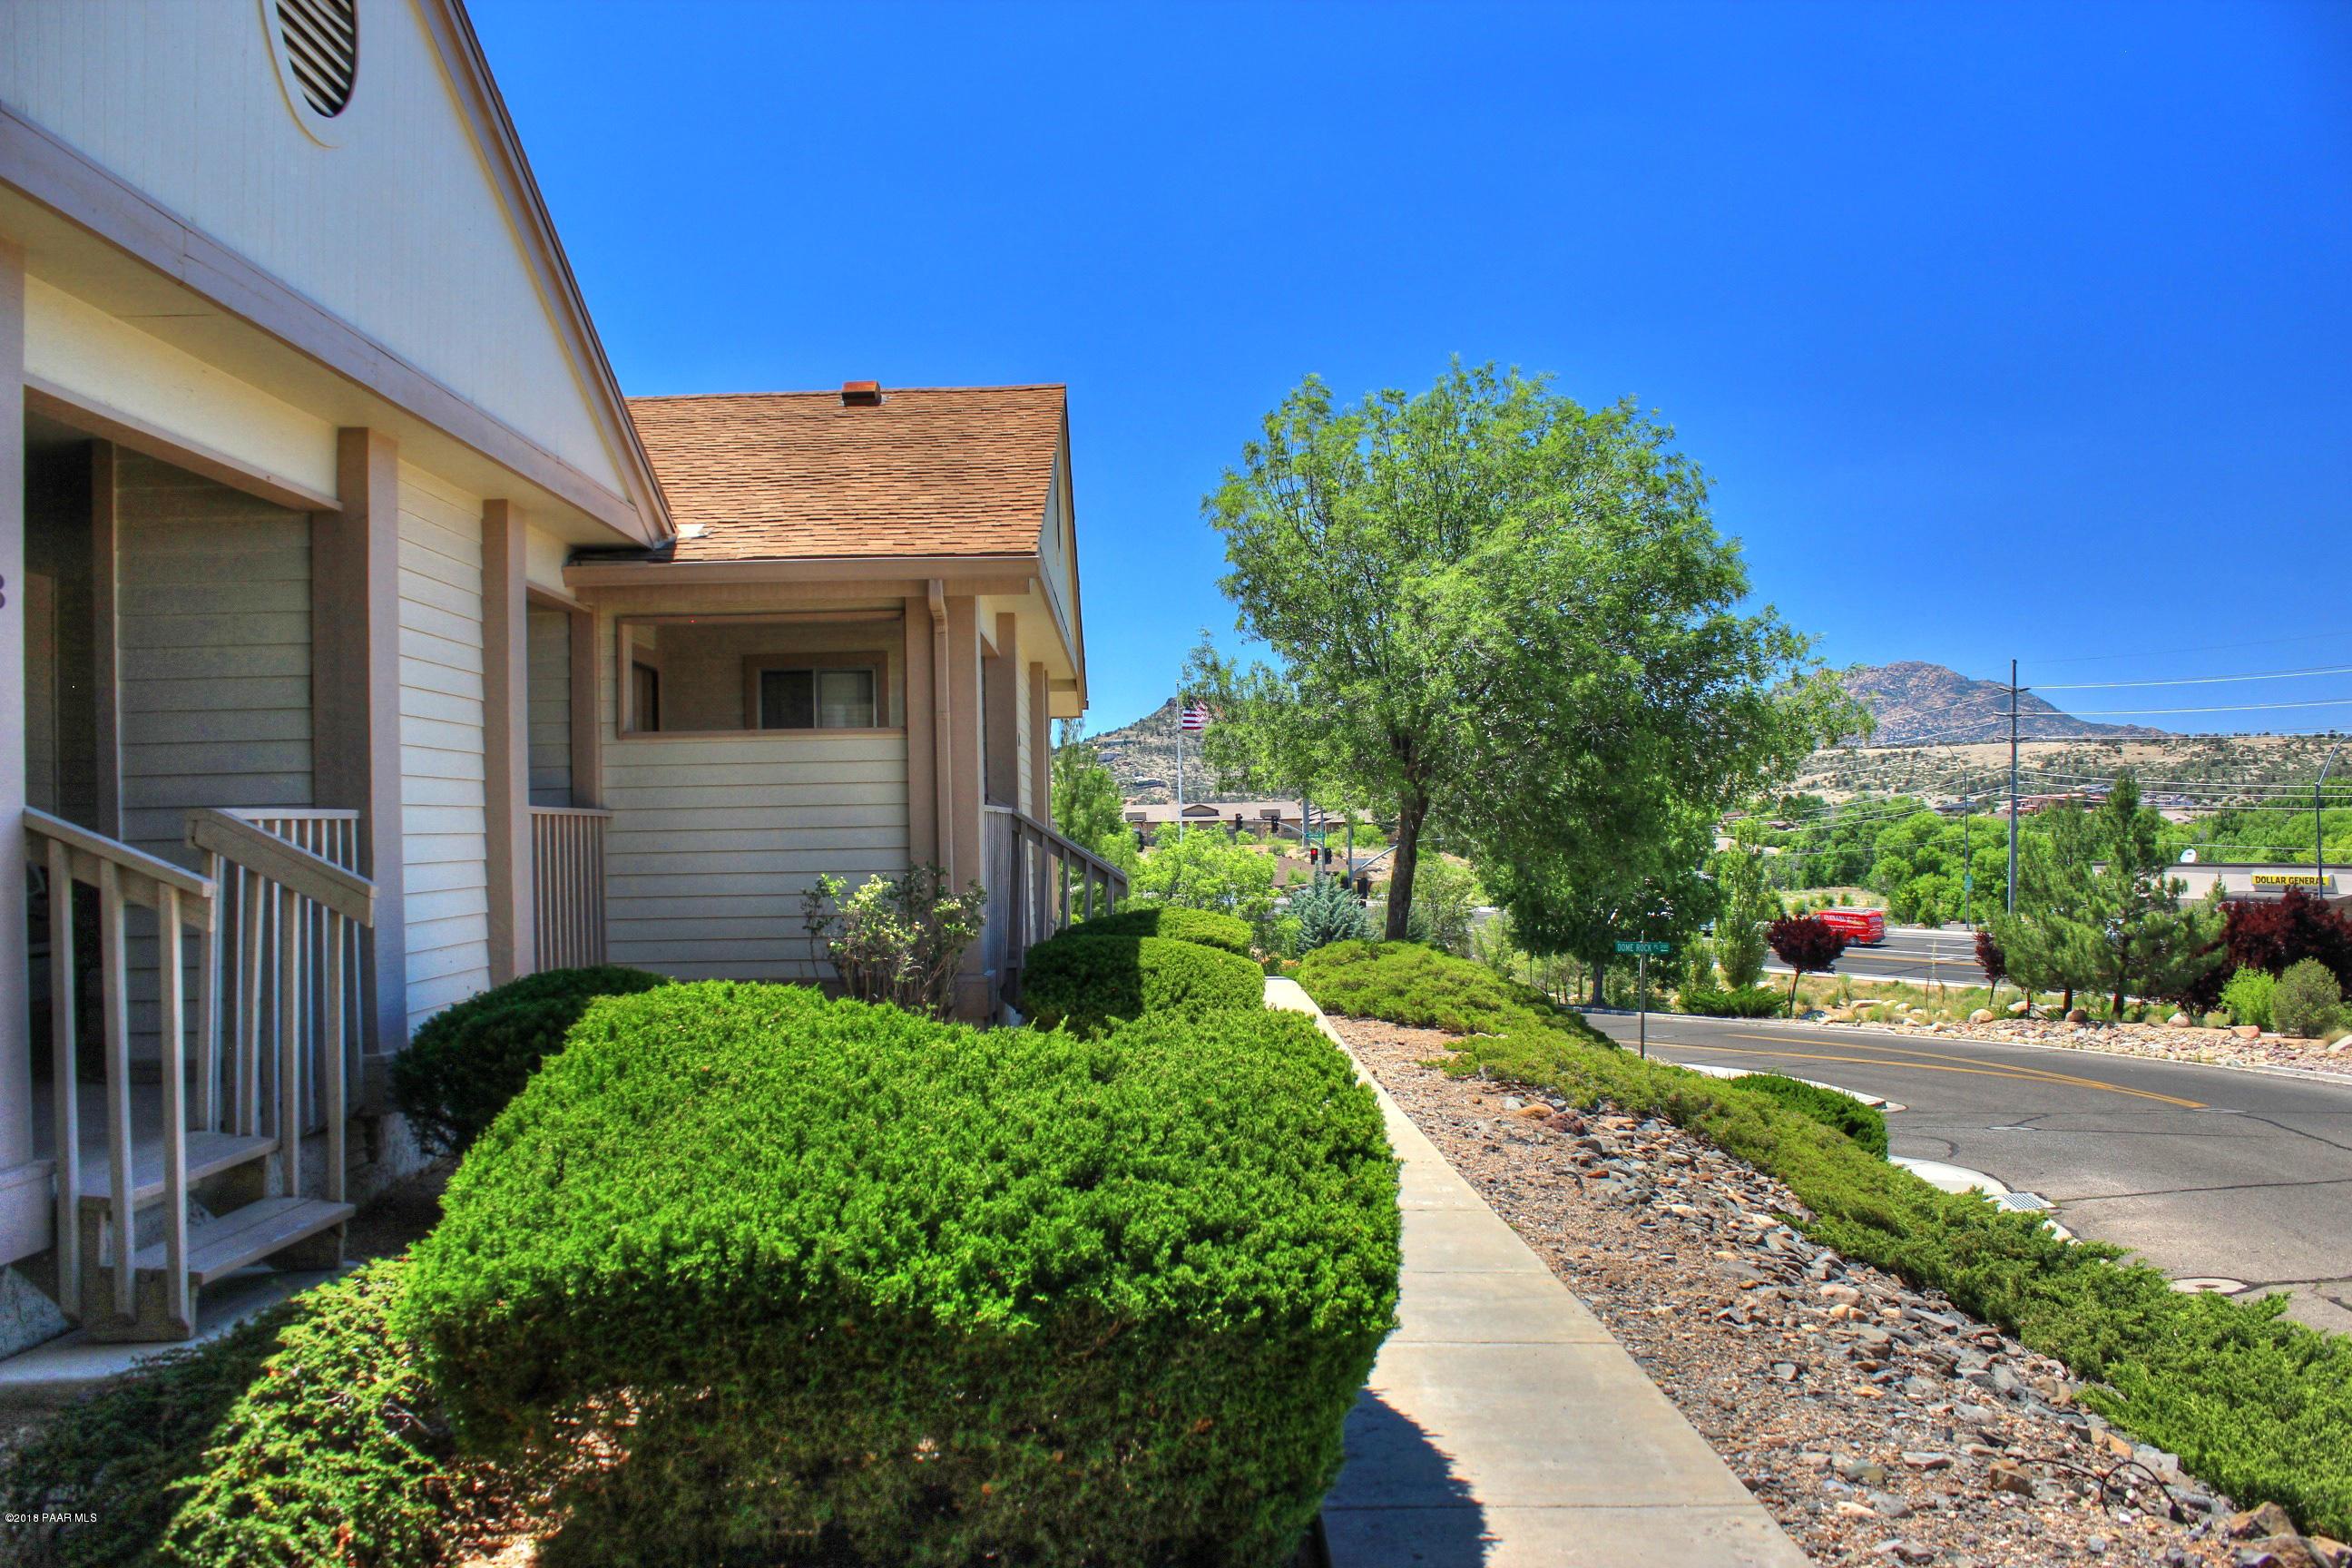 3179 Shoshone Drive Unit 1b Prescott, AZ 86301 - MLS #: 1012435